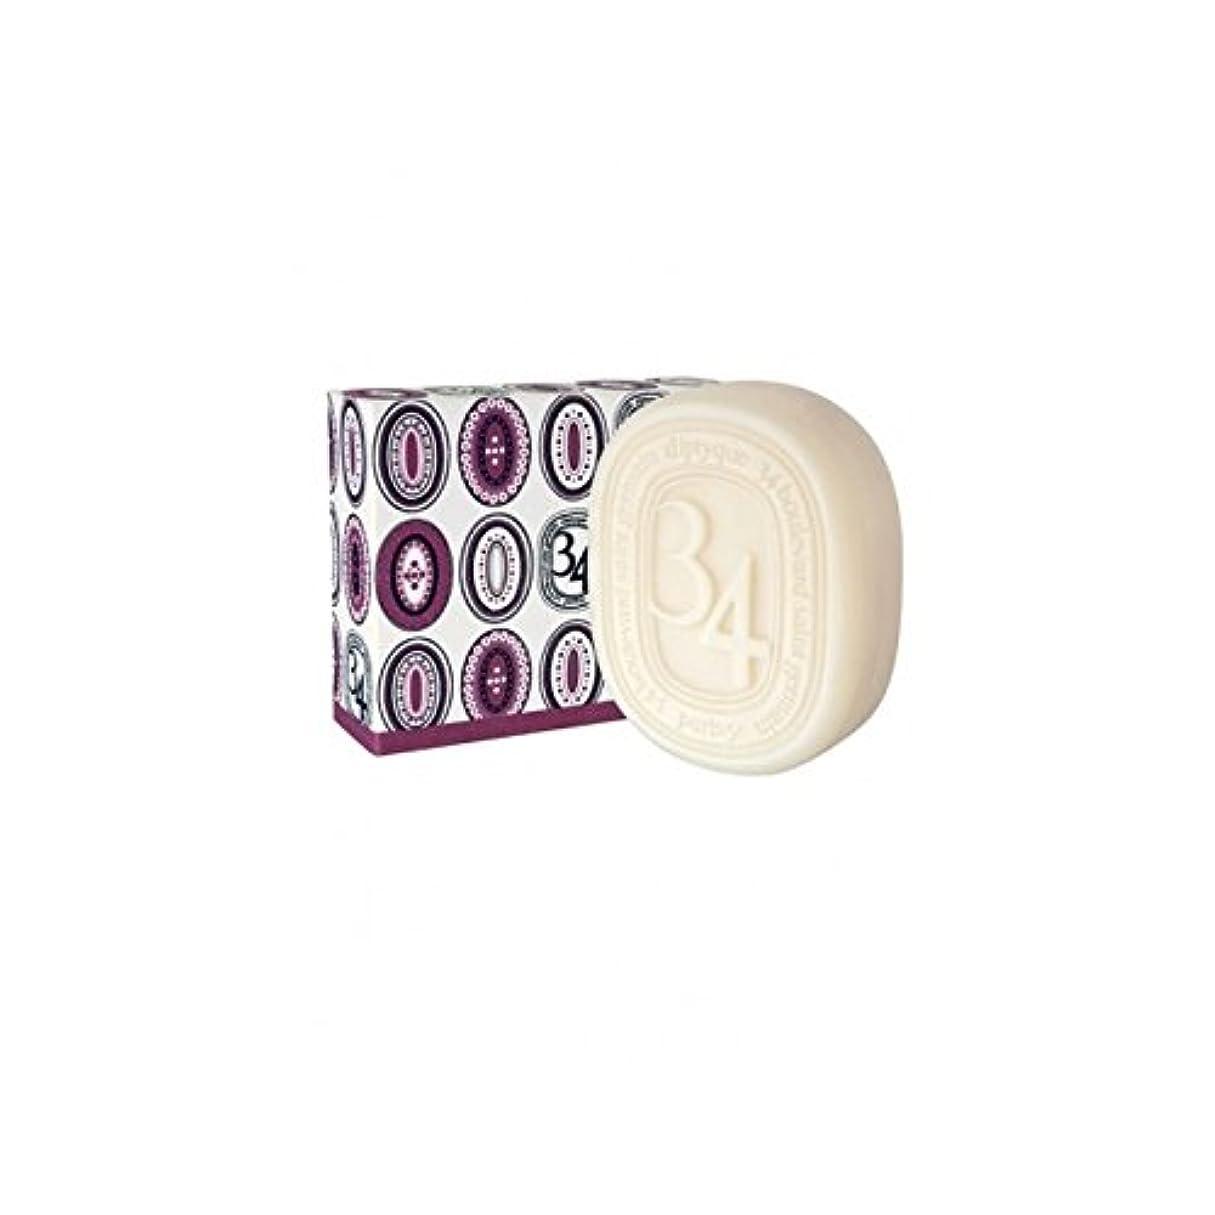 ブロンズ会計正直Diptyqueコレクション34大通りサンジェルマン石鹸100グラム - Diptyque Collection 34 Boulevard Saint Germain Soap 100g (Diptyque) [並行輸入品]